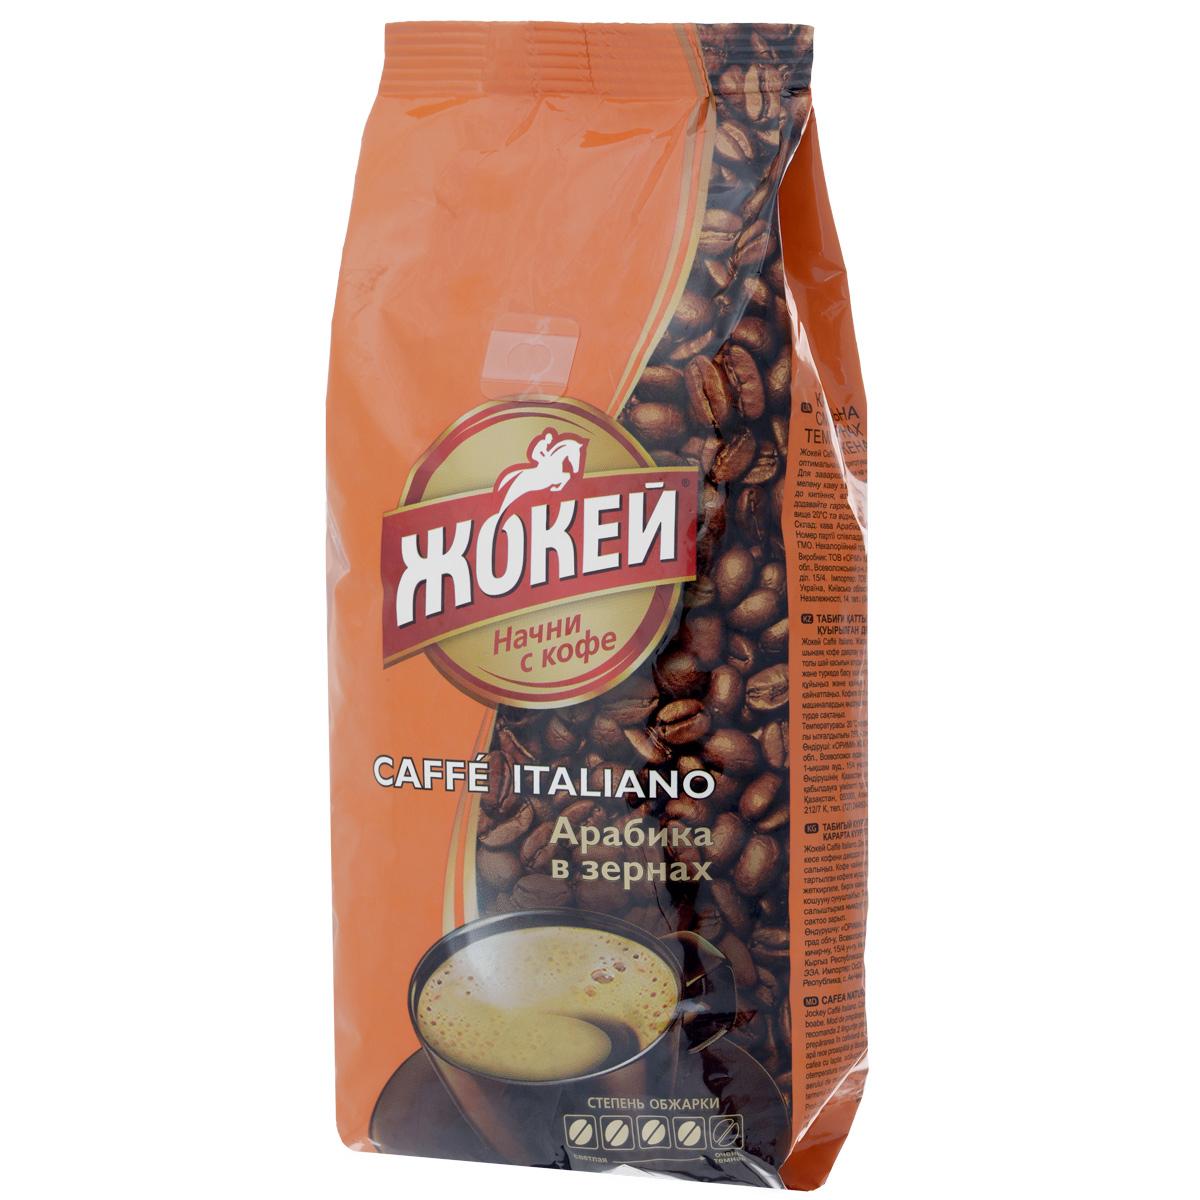 Жокей Кафе Итальяно кофе в зернах, 500 г кофе в капсулах tassimo карт нуар кафе лонг интенс 128г